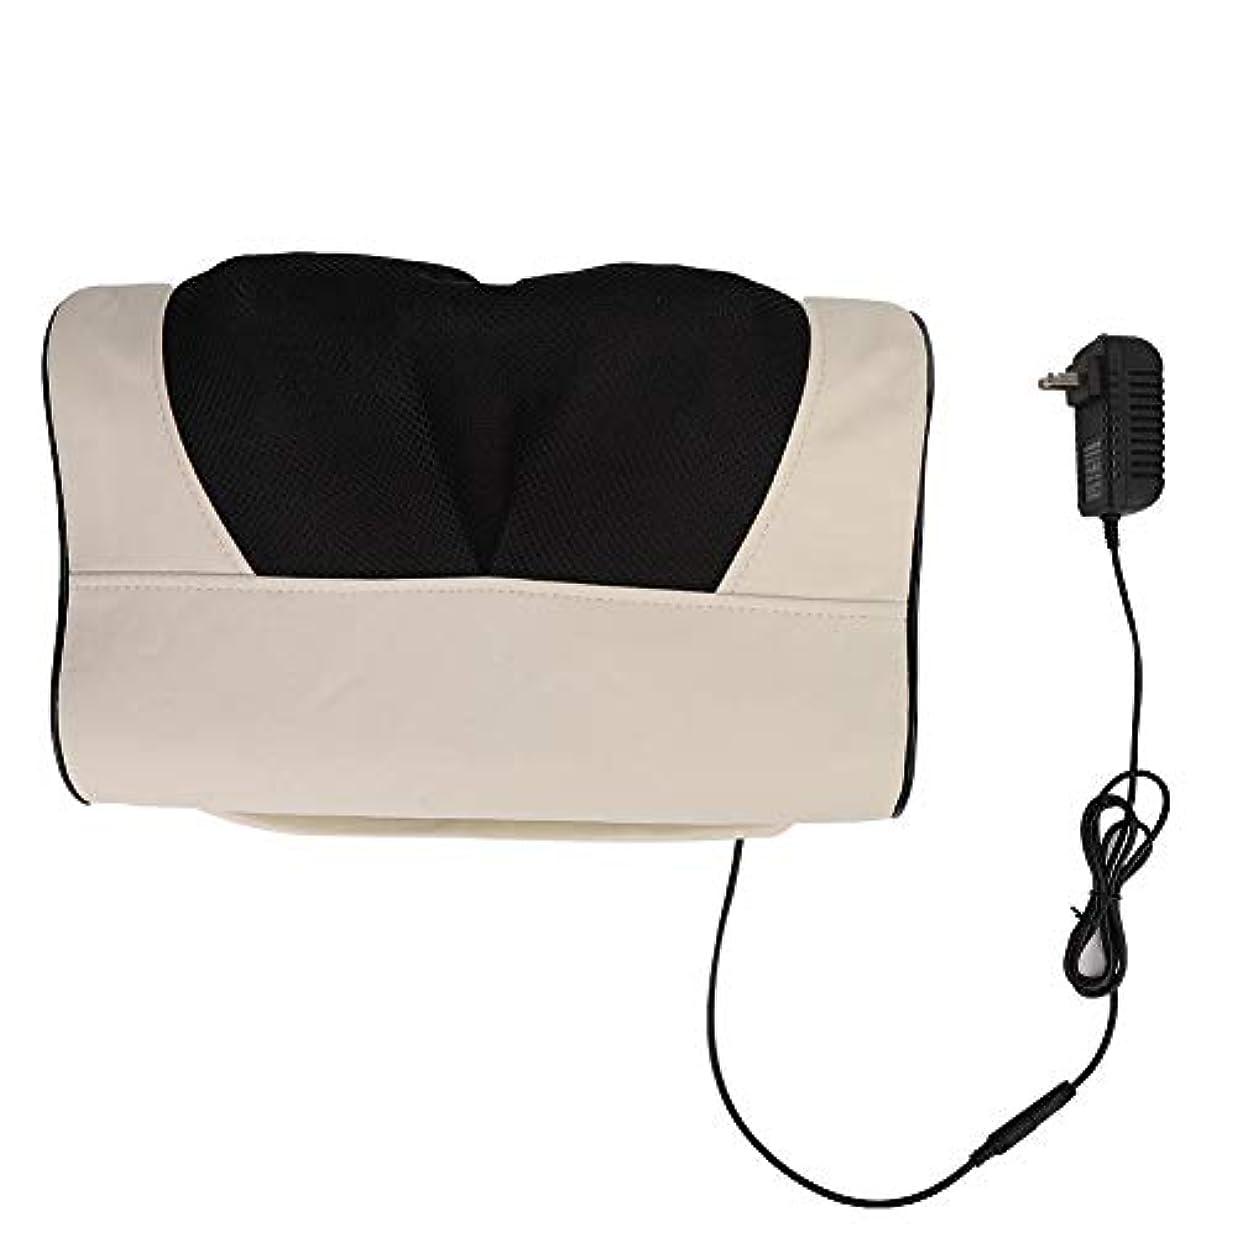 エキス変装かわいらしいマッサージ枕、多機能頸椎ネックショルダーマッサージャー電動マッサージ枕